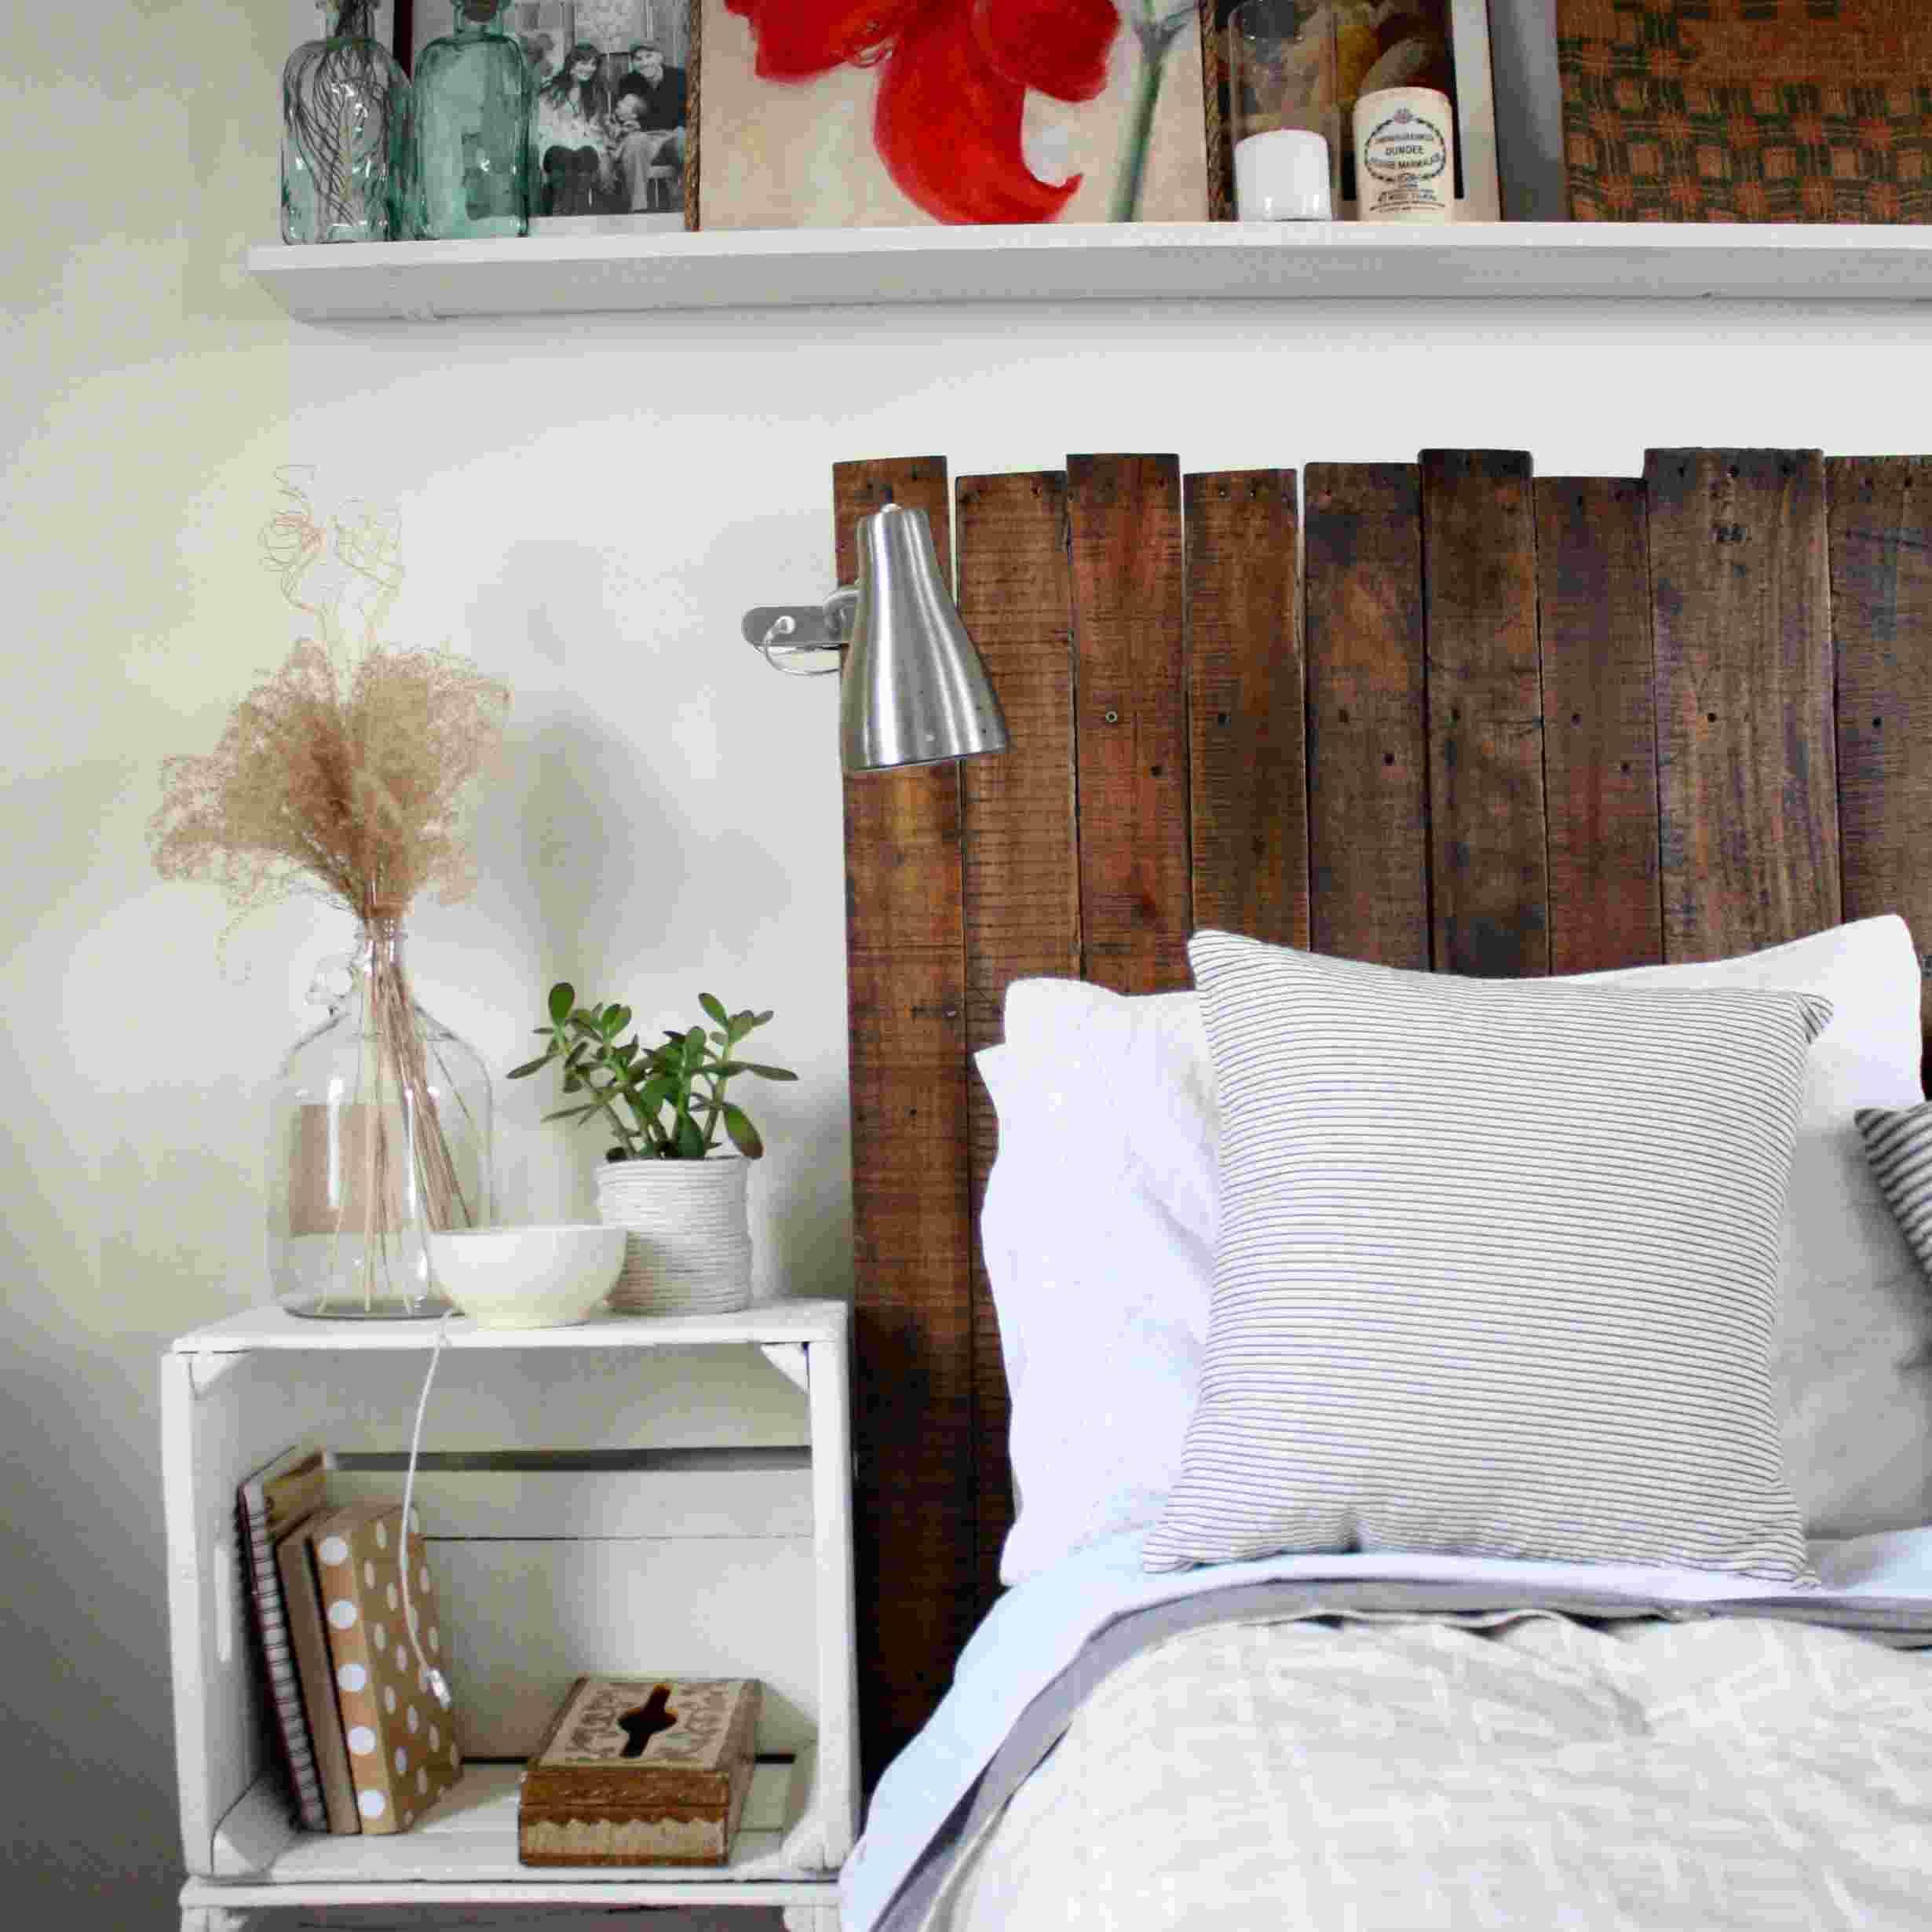 bett m bel selber machen aus den brettern ein kopfbrett bauen sch ner wohnen pinterest. Black Bedroom Furniture Sets. Home Design Ideas